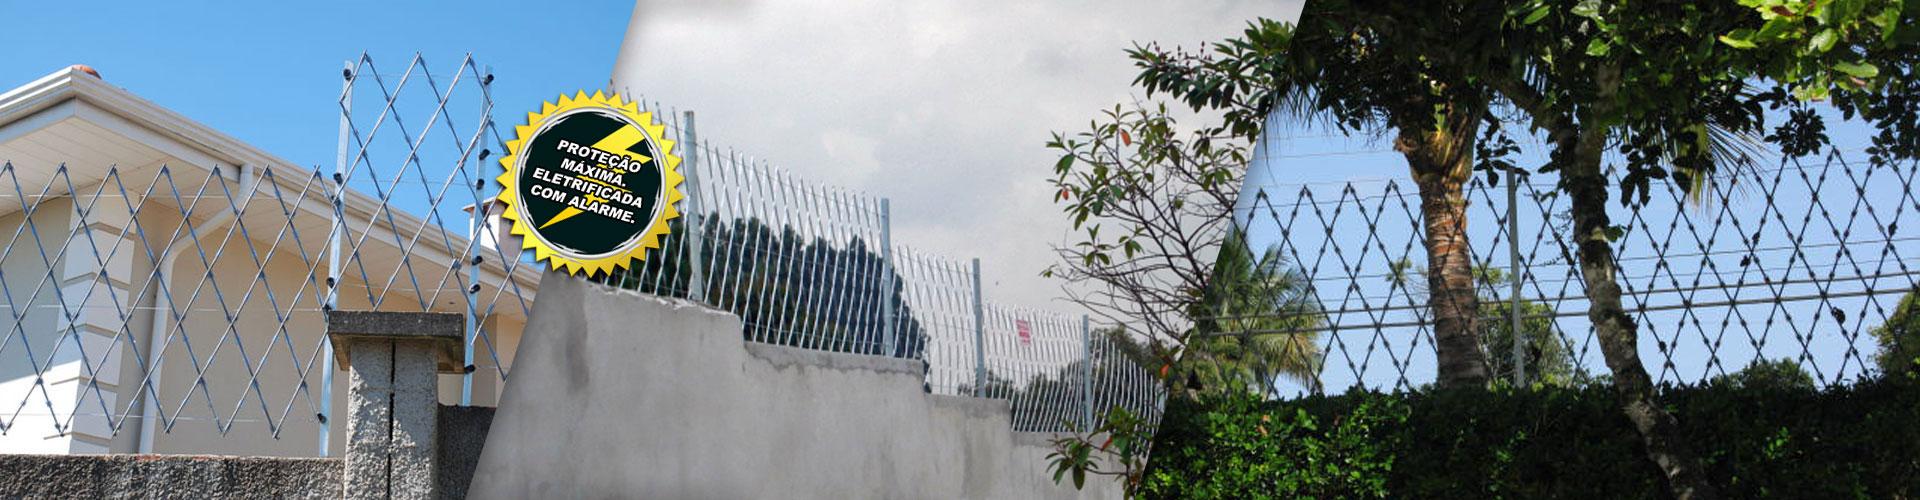 Rede Laminada para Condomínios